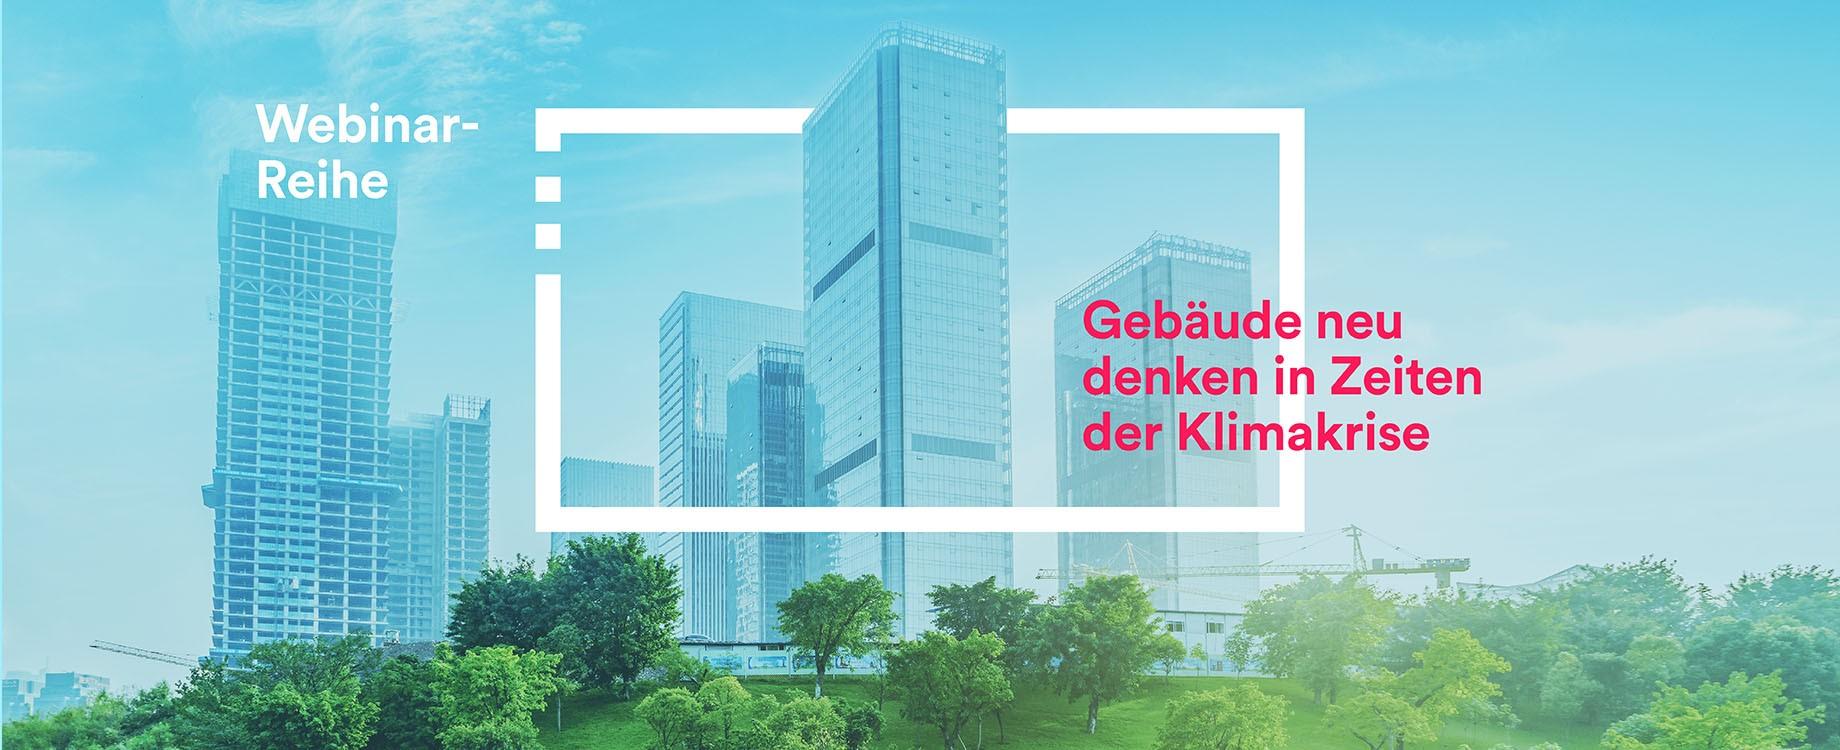 """""""Gebäude neu denken in Zeiten der Klimakrise"""" – M.O.O.CON Webinar-Reihe"""